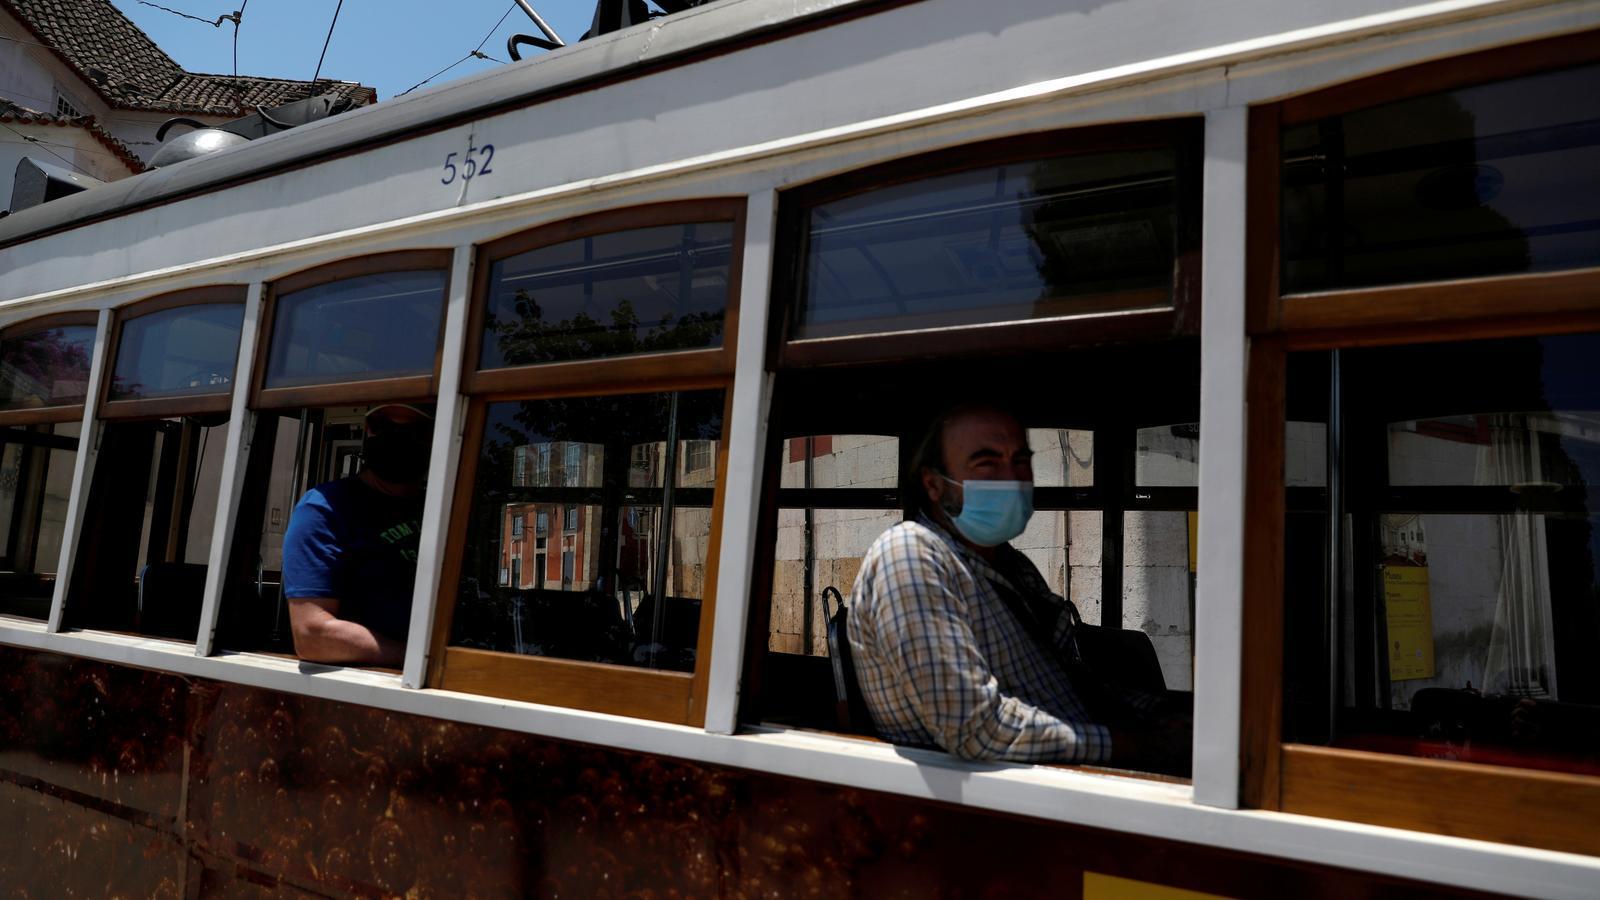 Dos passatgers amb mascareta viatjant en el tramvia de Lisboa